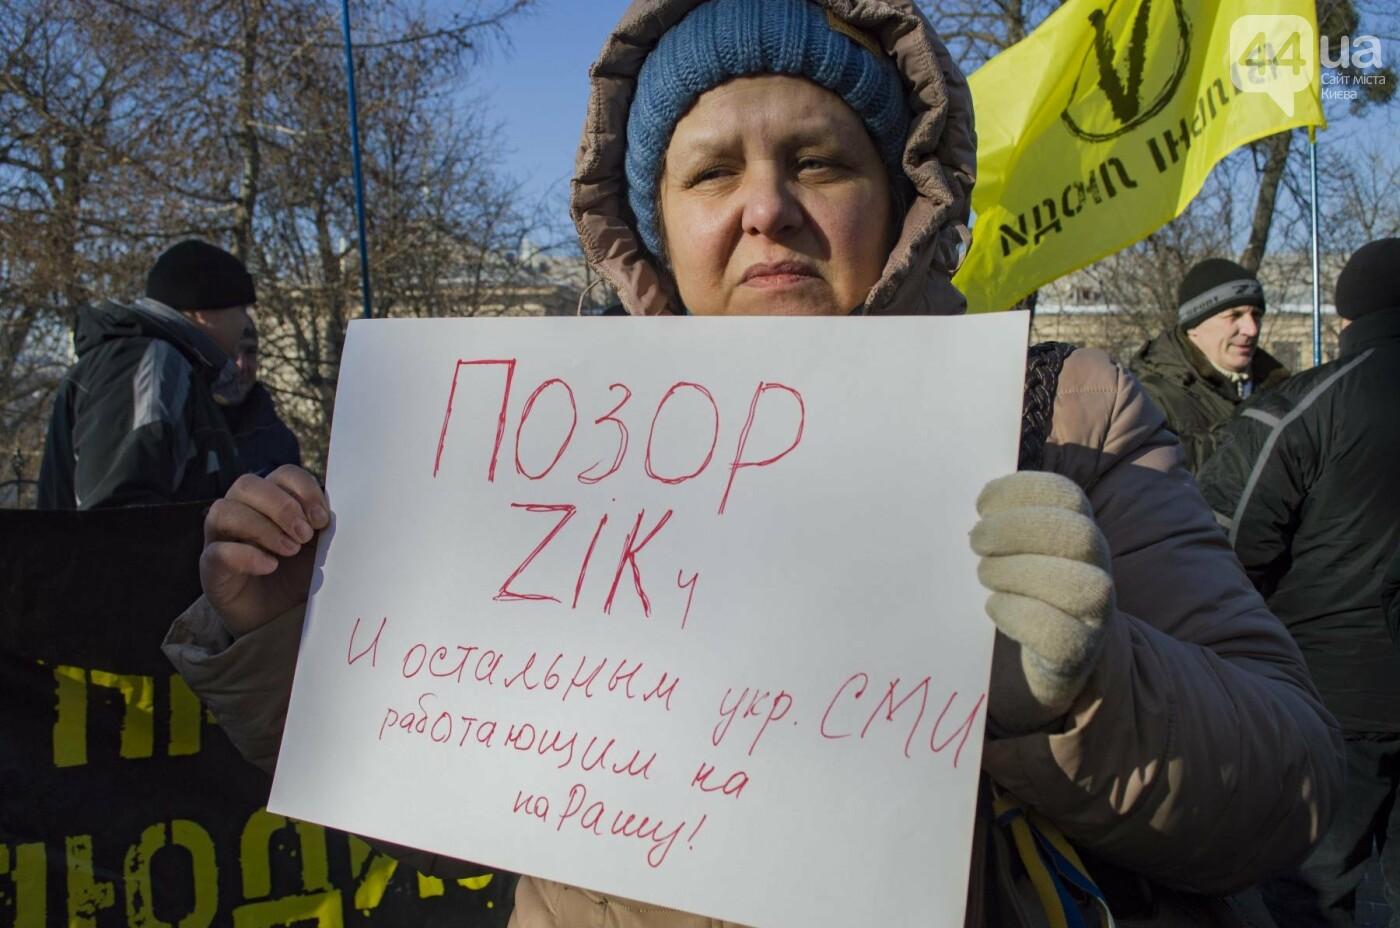 В Киеве прошла акция с требованием уволить ведущую и закрыть телеканал (ФОТО), фото-1